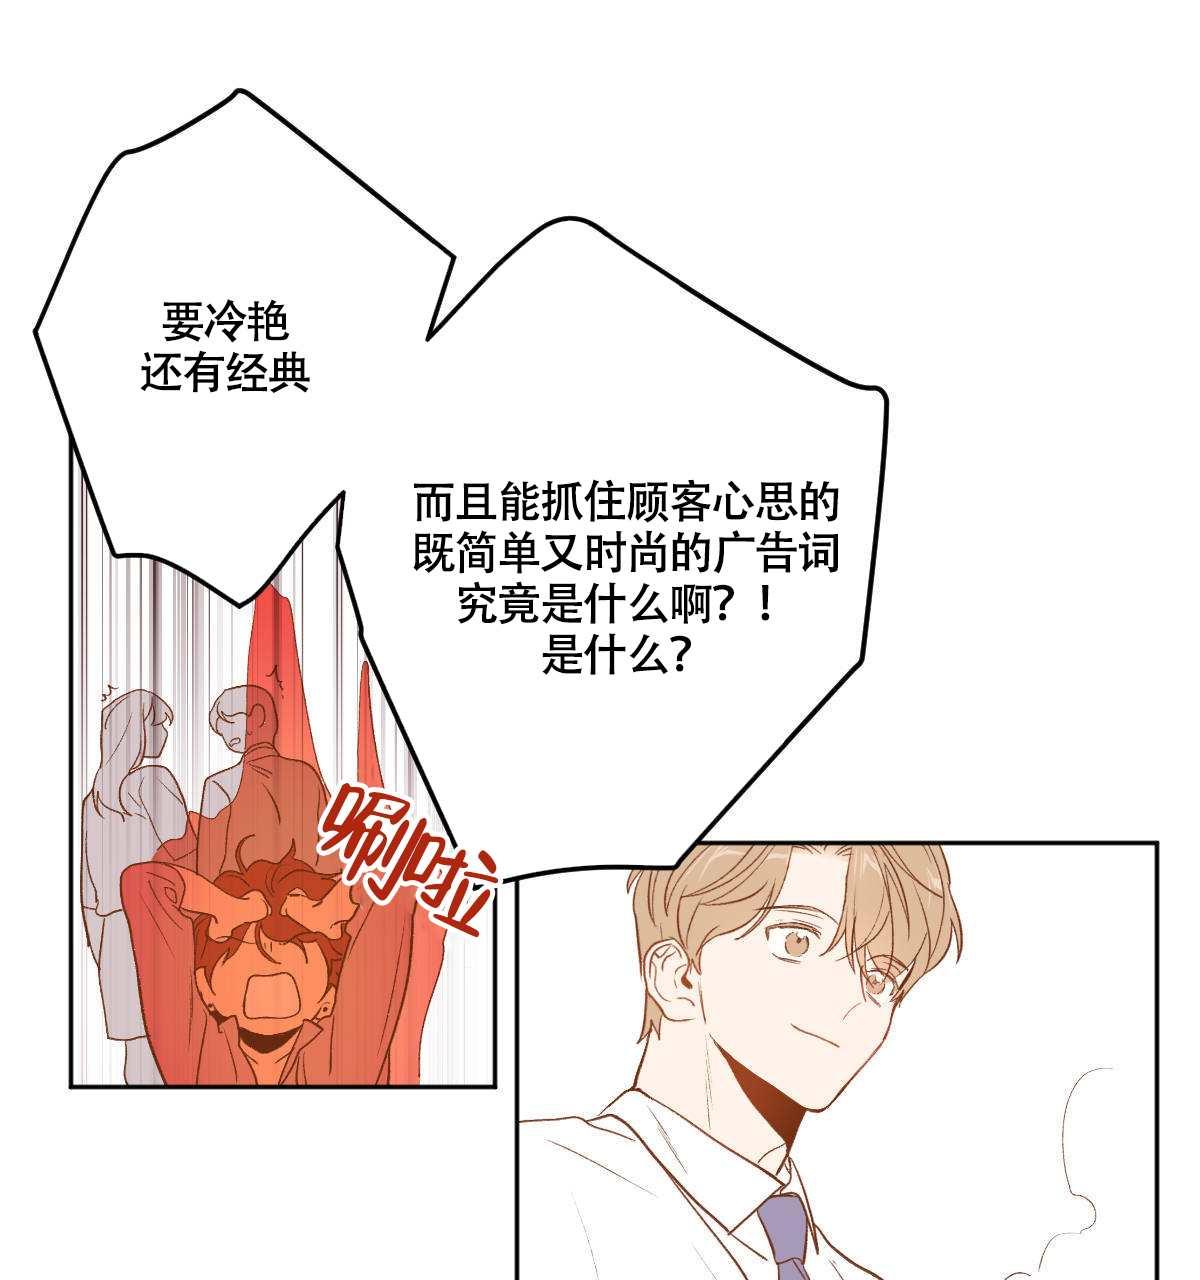 韩漫《新入职员》撩走办公室最可怕的大魔王!  第19张